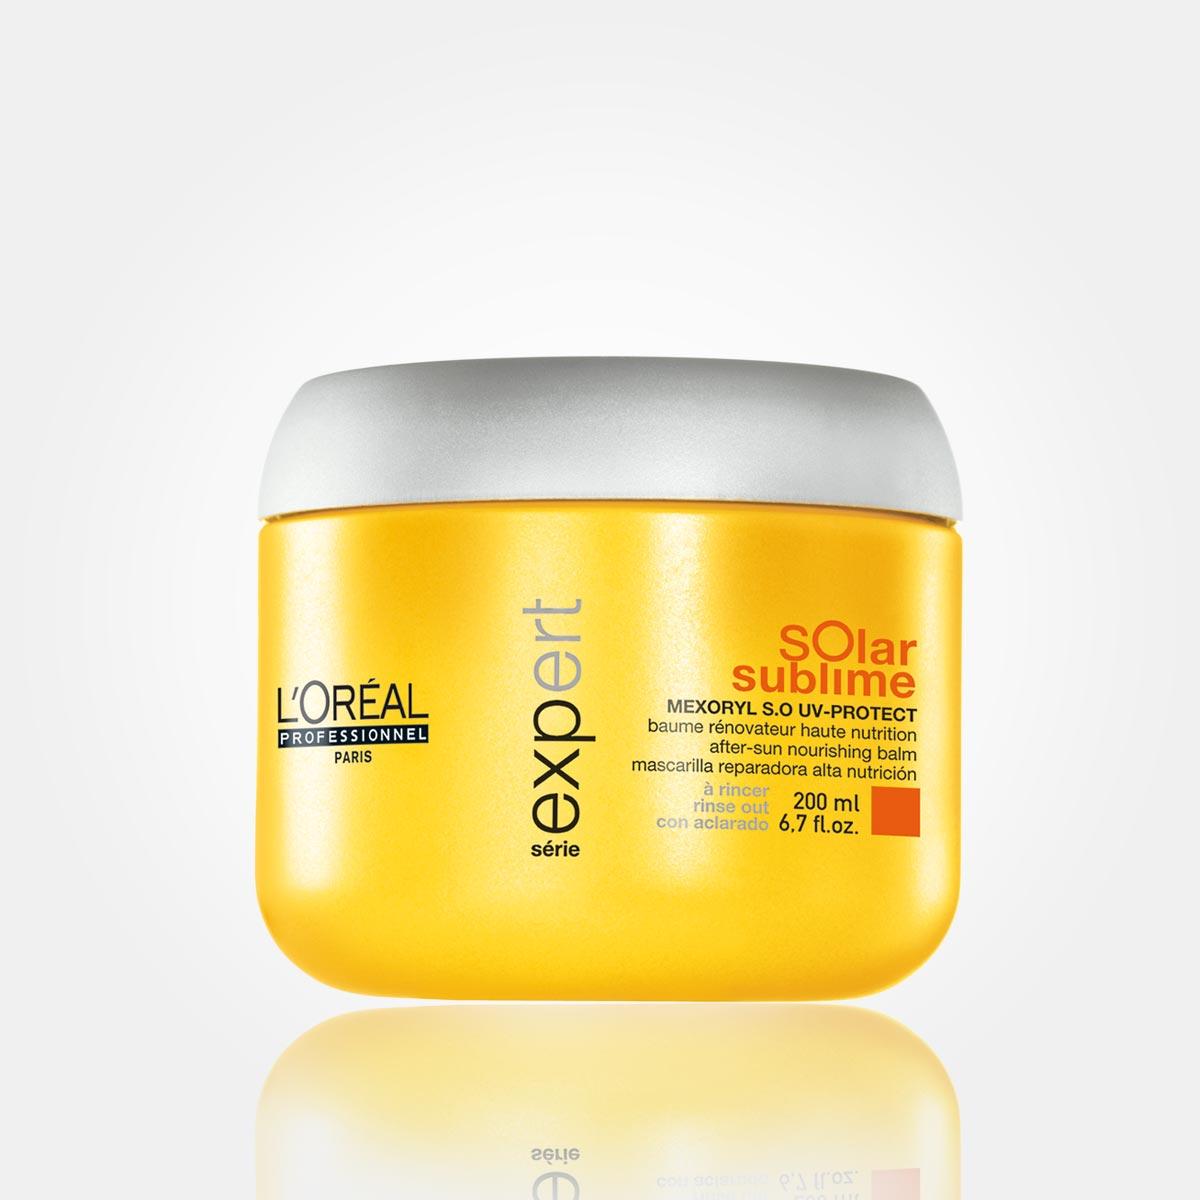 Maska ze speciální řady letní vlasové kosmetiky Solar Sublime od L'Oréal Professionnel